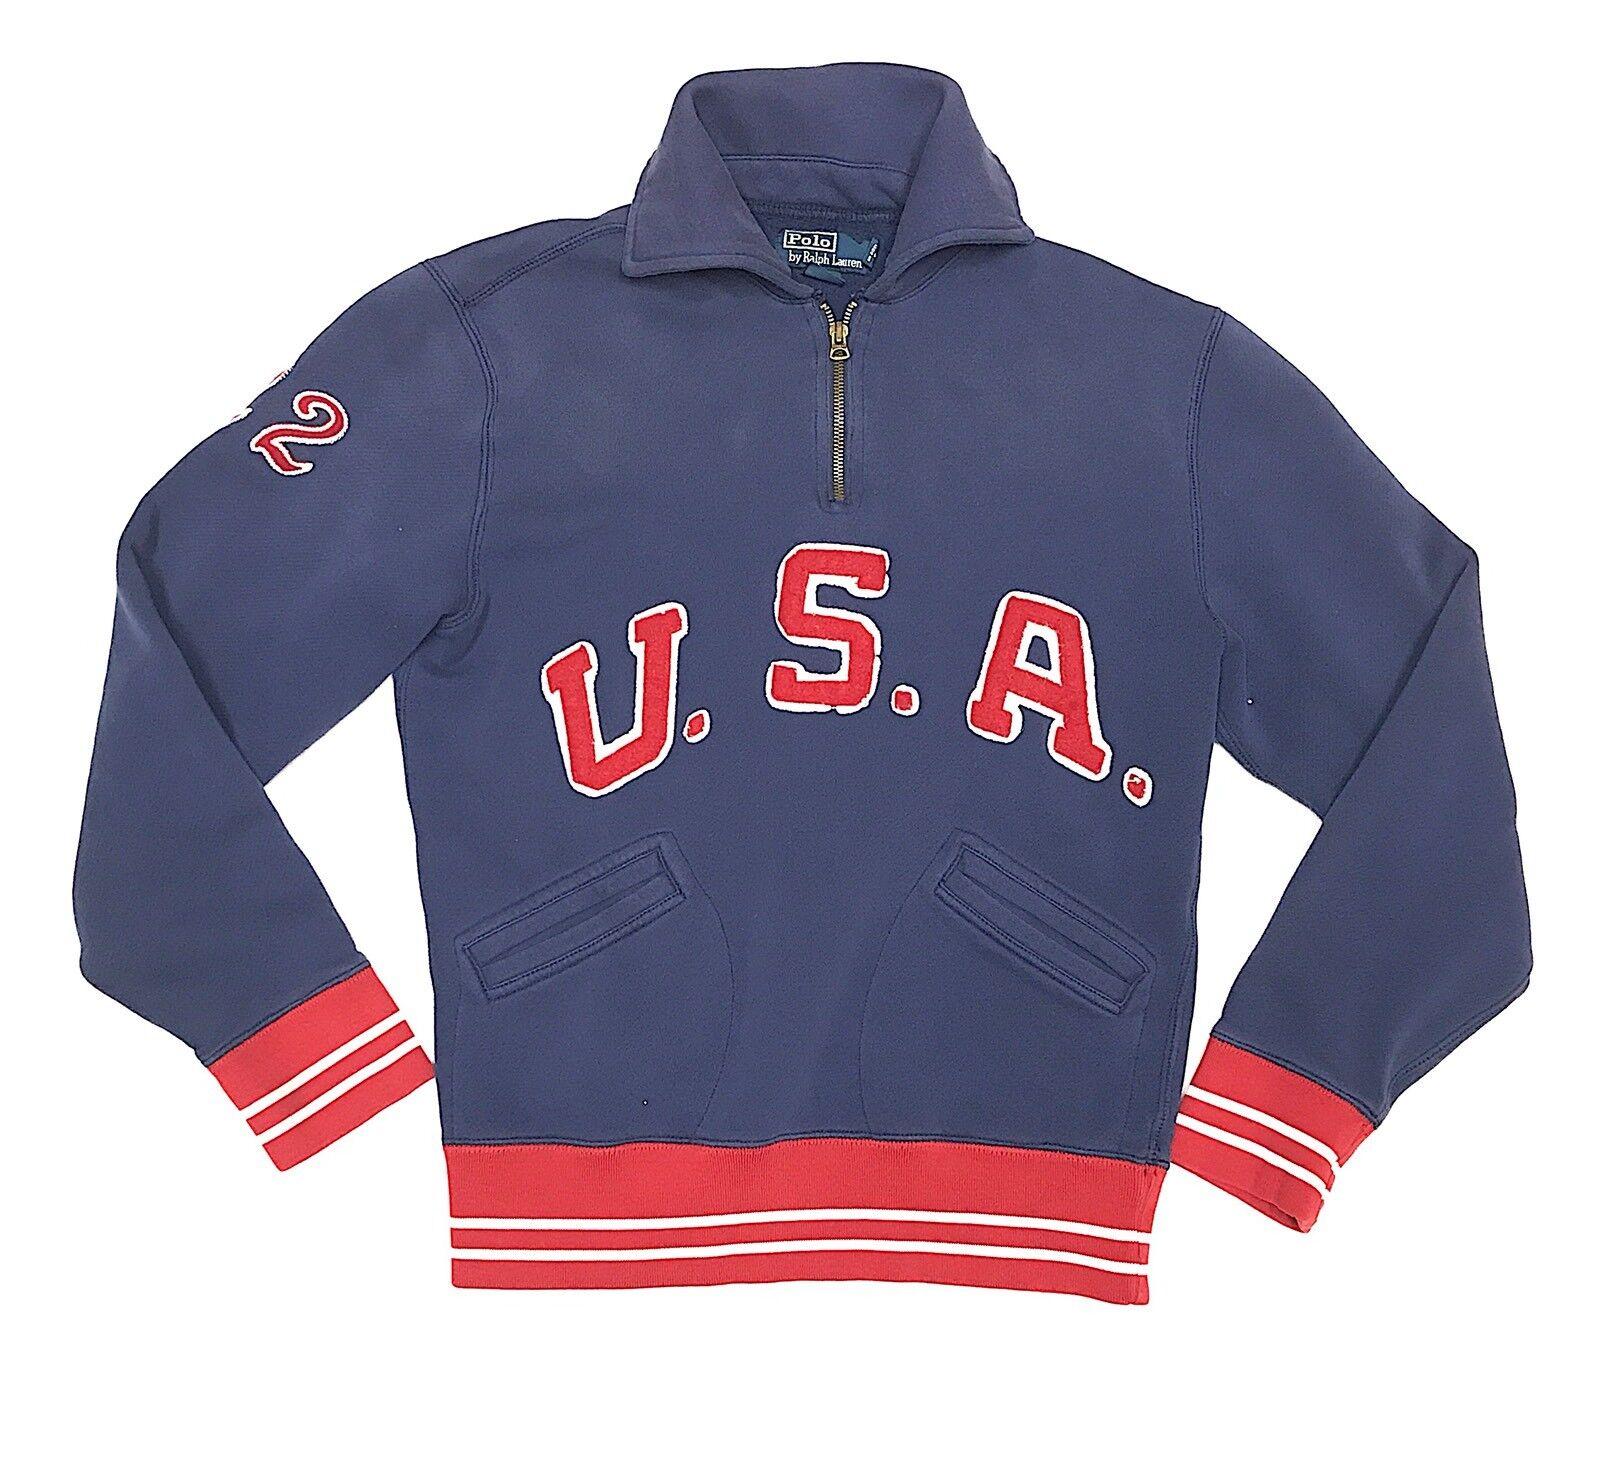 Vintage 90s Polo USA 22 Ralph Lauren 1 4 Zip Pull Over Sweatshirt Sport Large